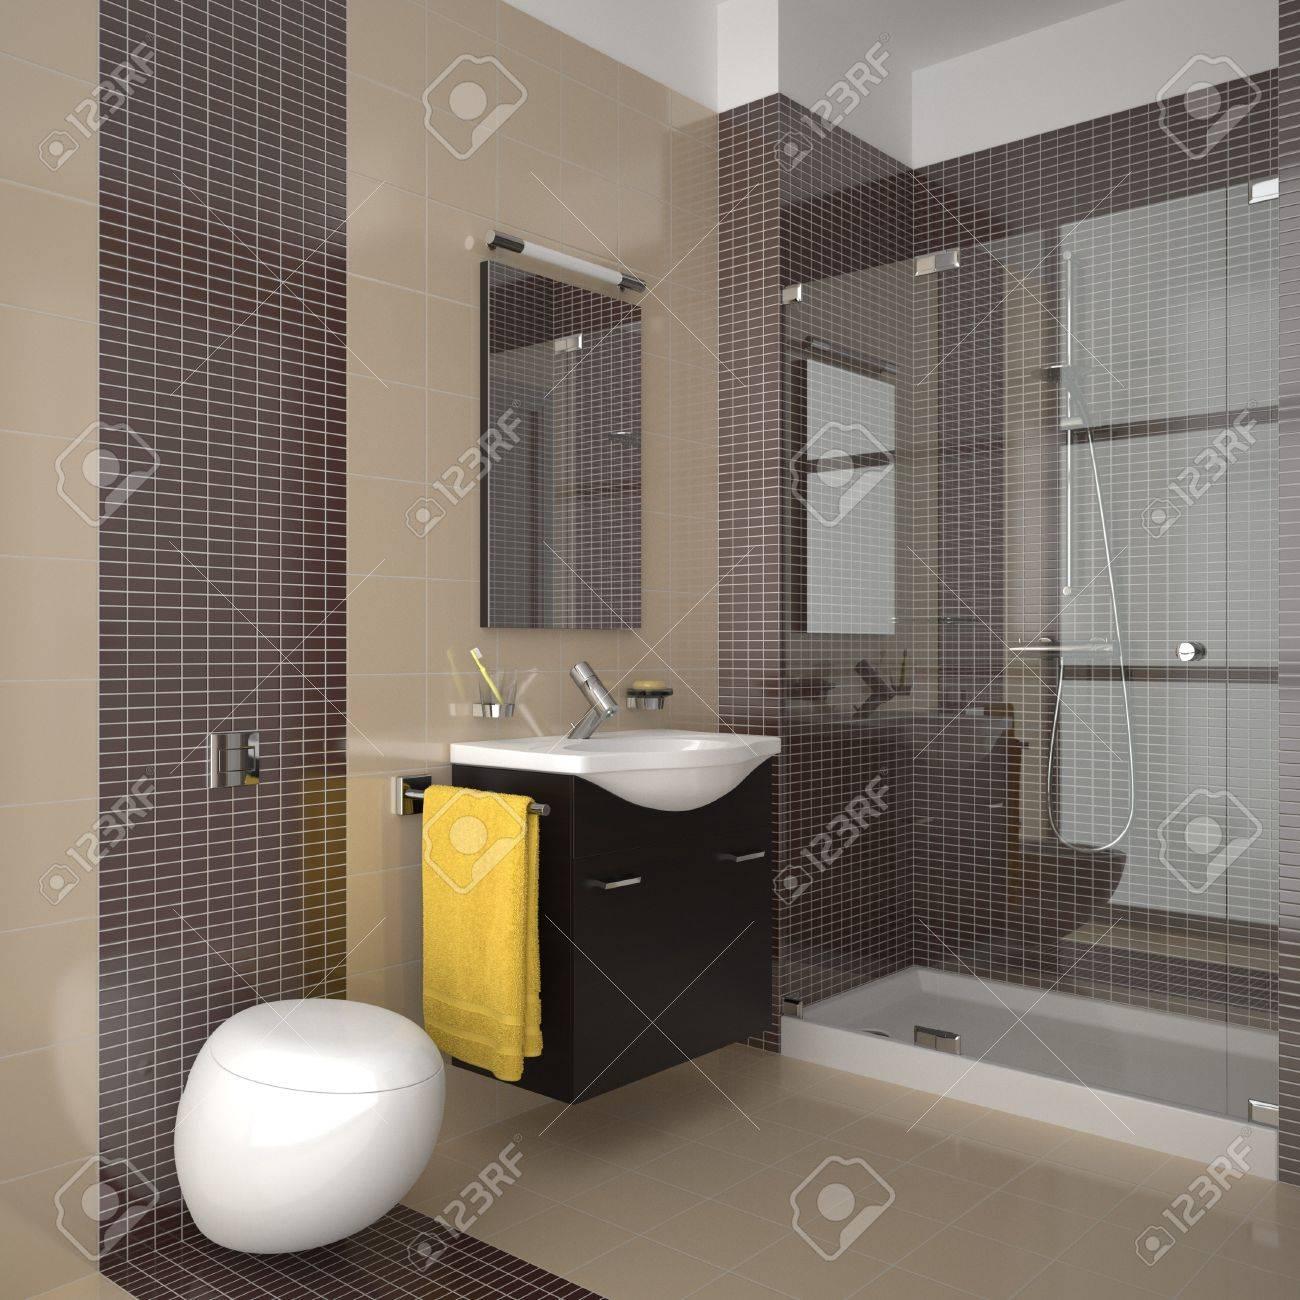 Rivestimenti Leroy Merlin Bagno interiore della stanza da bagno con le mattonelle marroni e